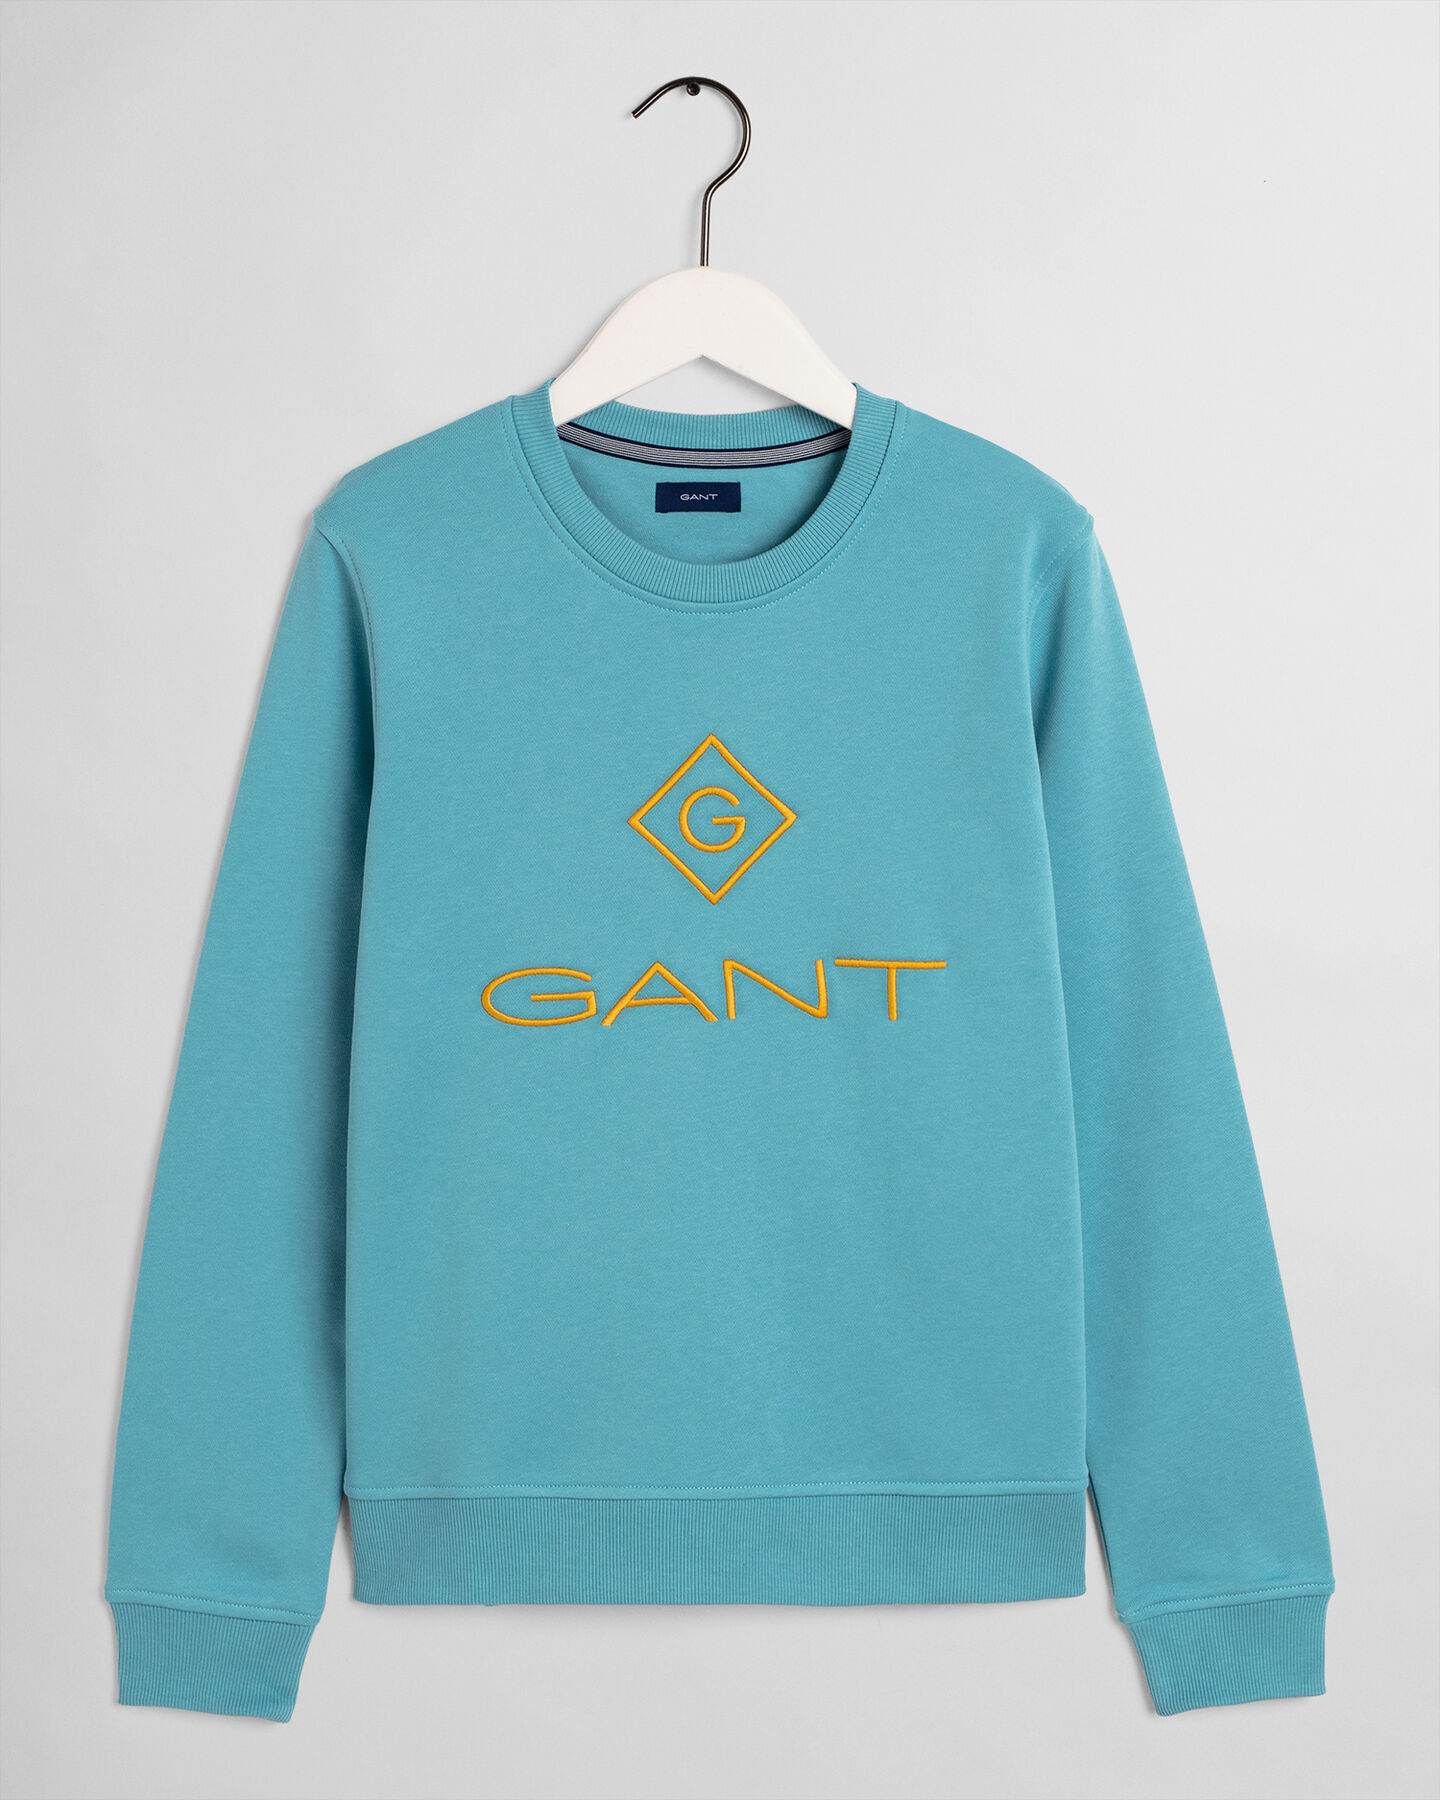 Rundhals-Sweatshirt mit farbigem Logo